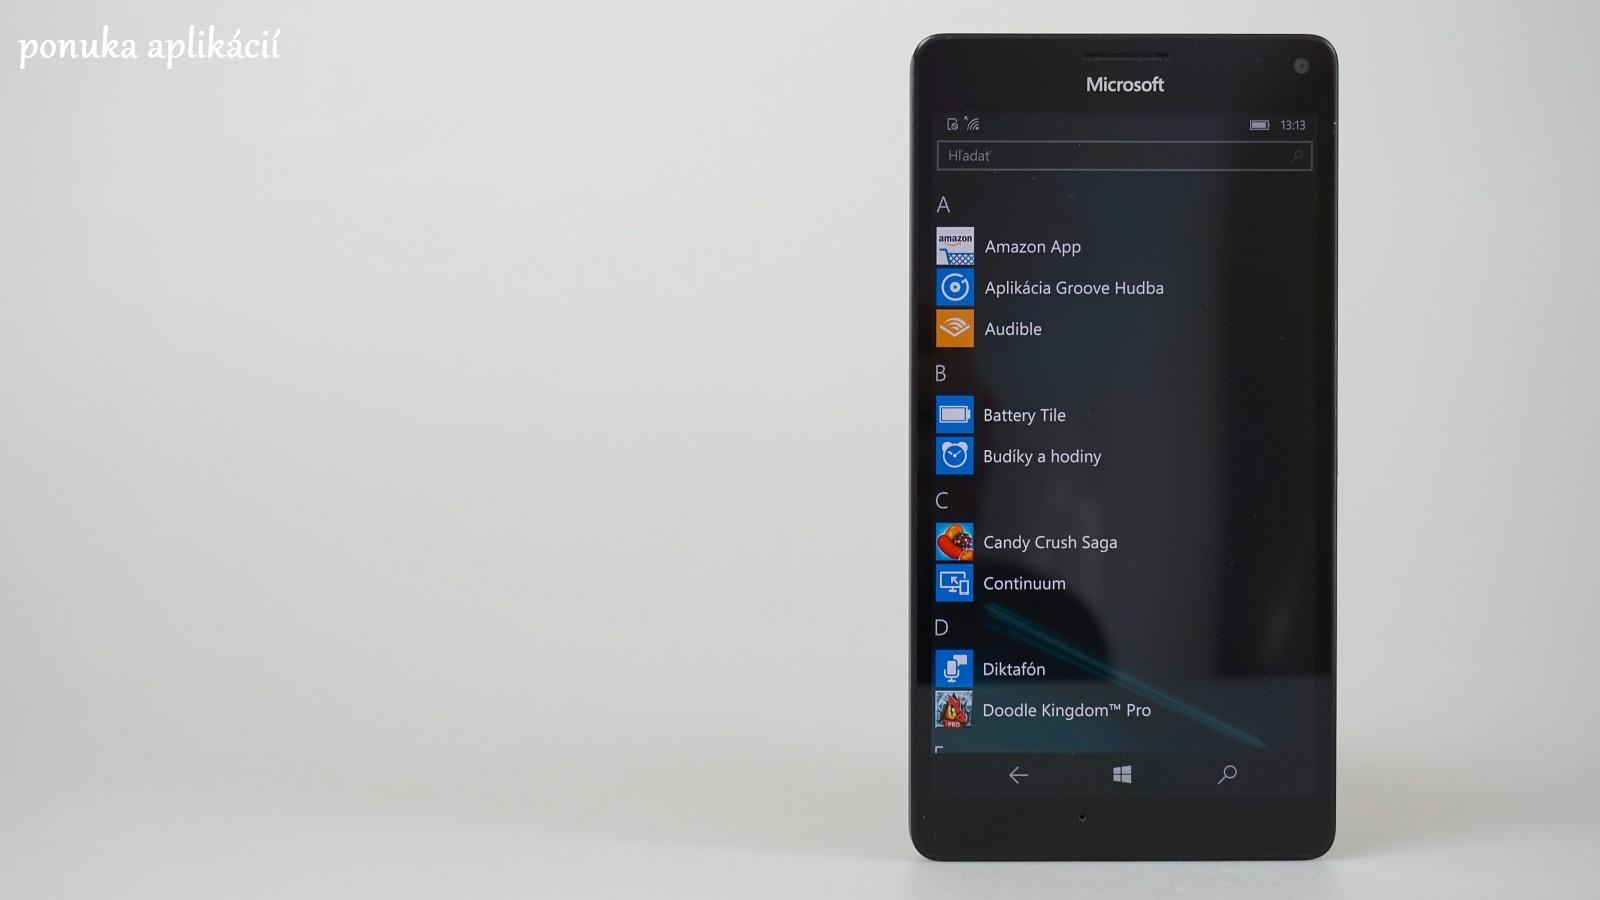 Môžu používatelia prevziať Lync mobilný klient pre Windows Phone.